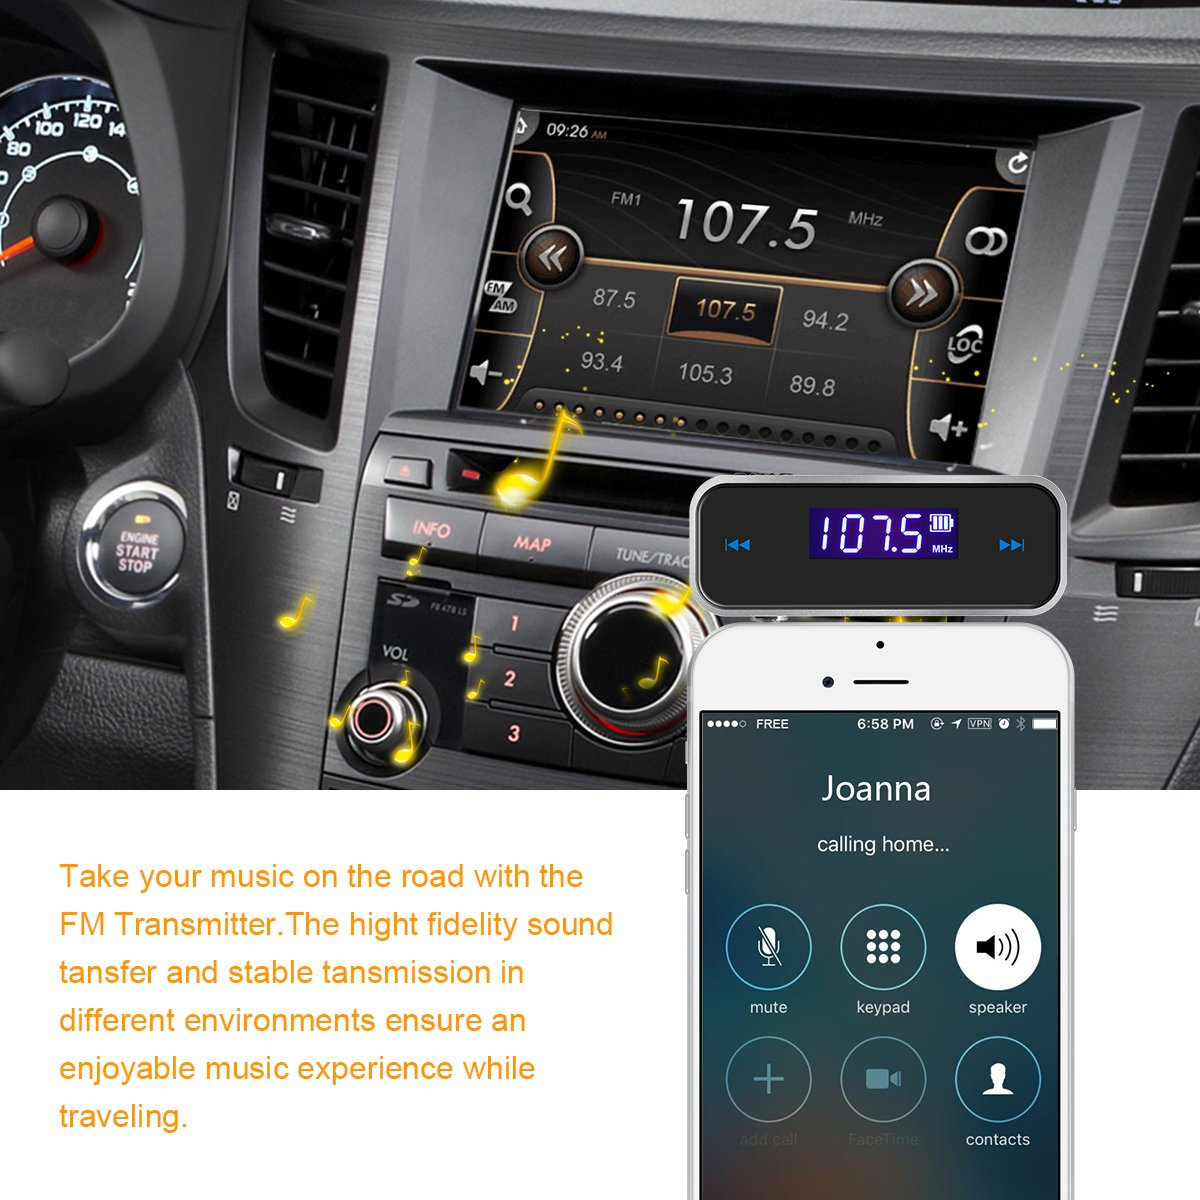 Mini Drahtlos FM Transmitter Sender UKW Handy Wireless Auto AUX-Adapter mit Integriertem Aux Port Auto Radio Audio Transmitter Empf/änger Handy Autoradio Transmitter